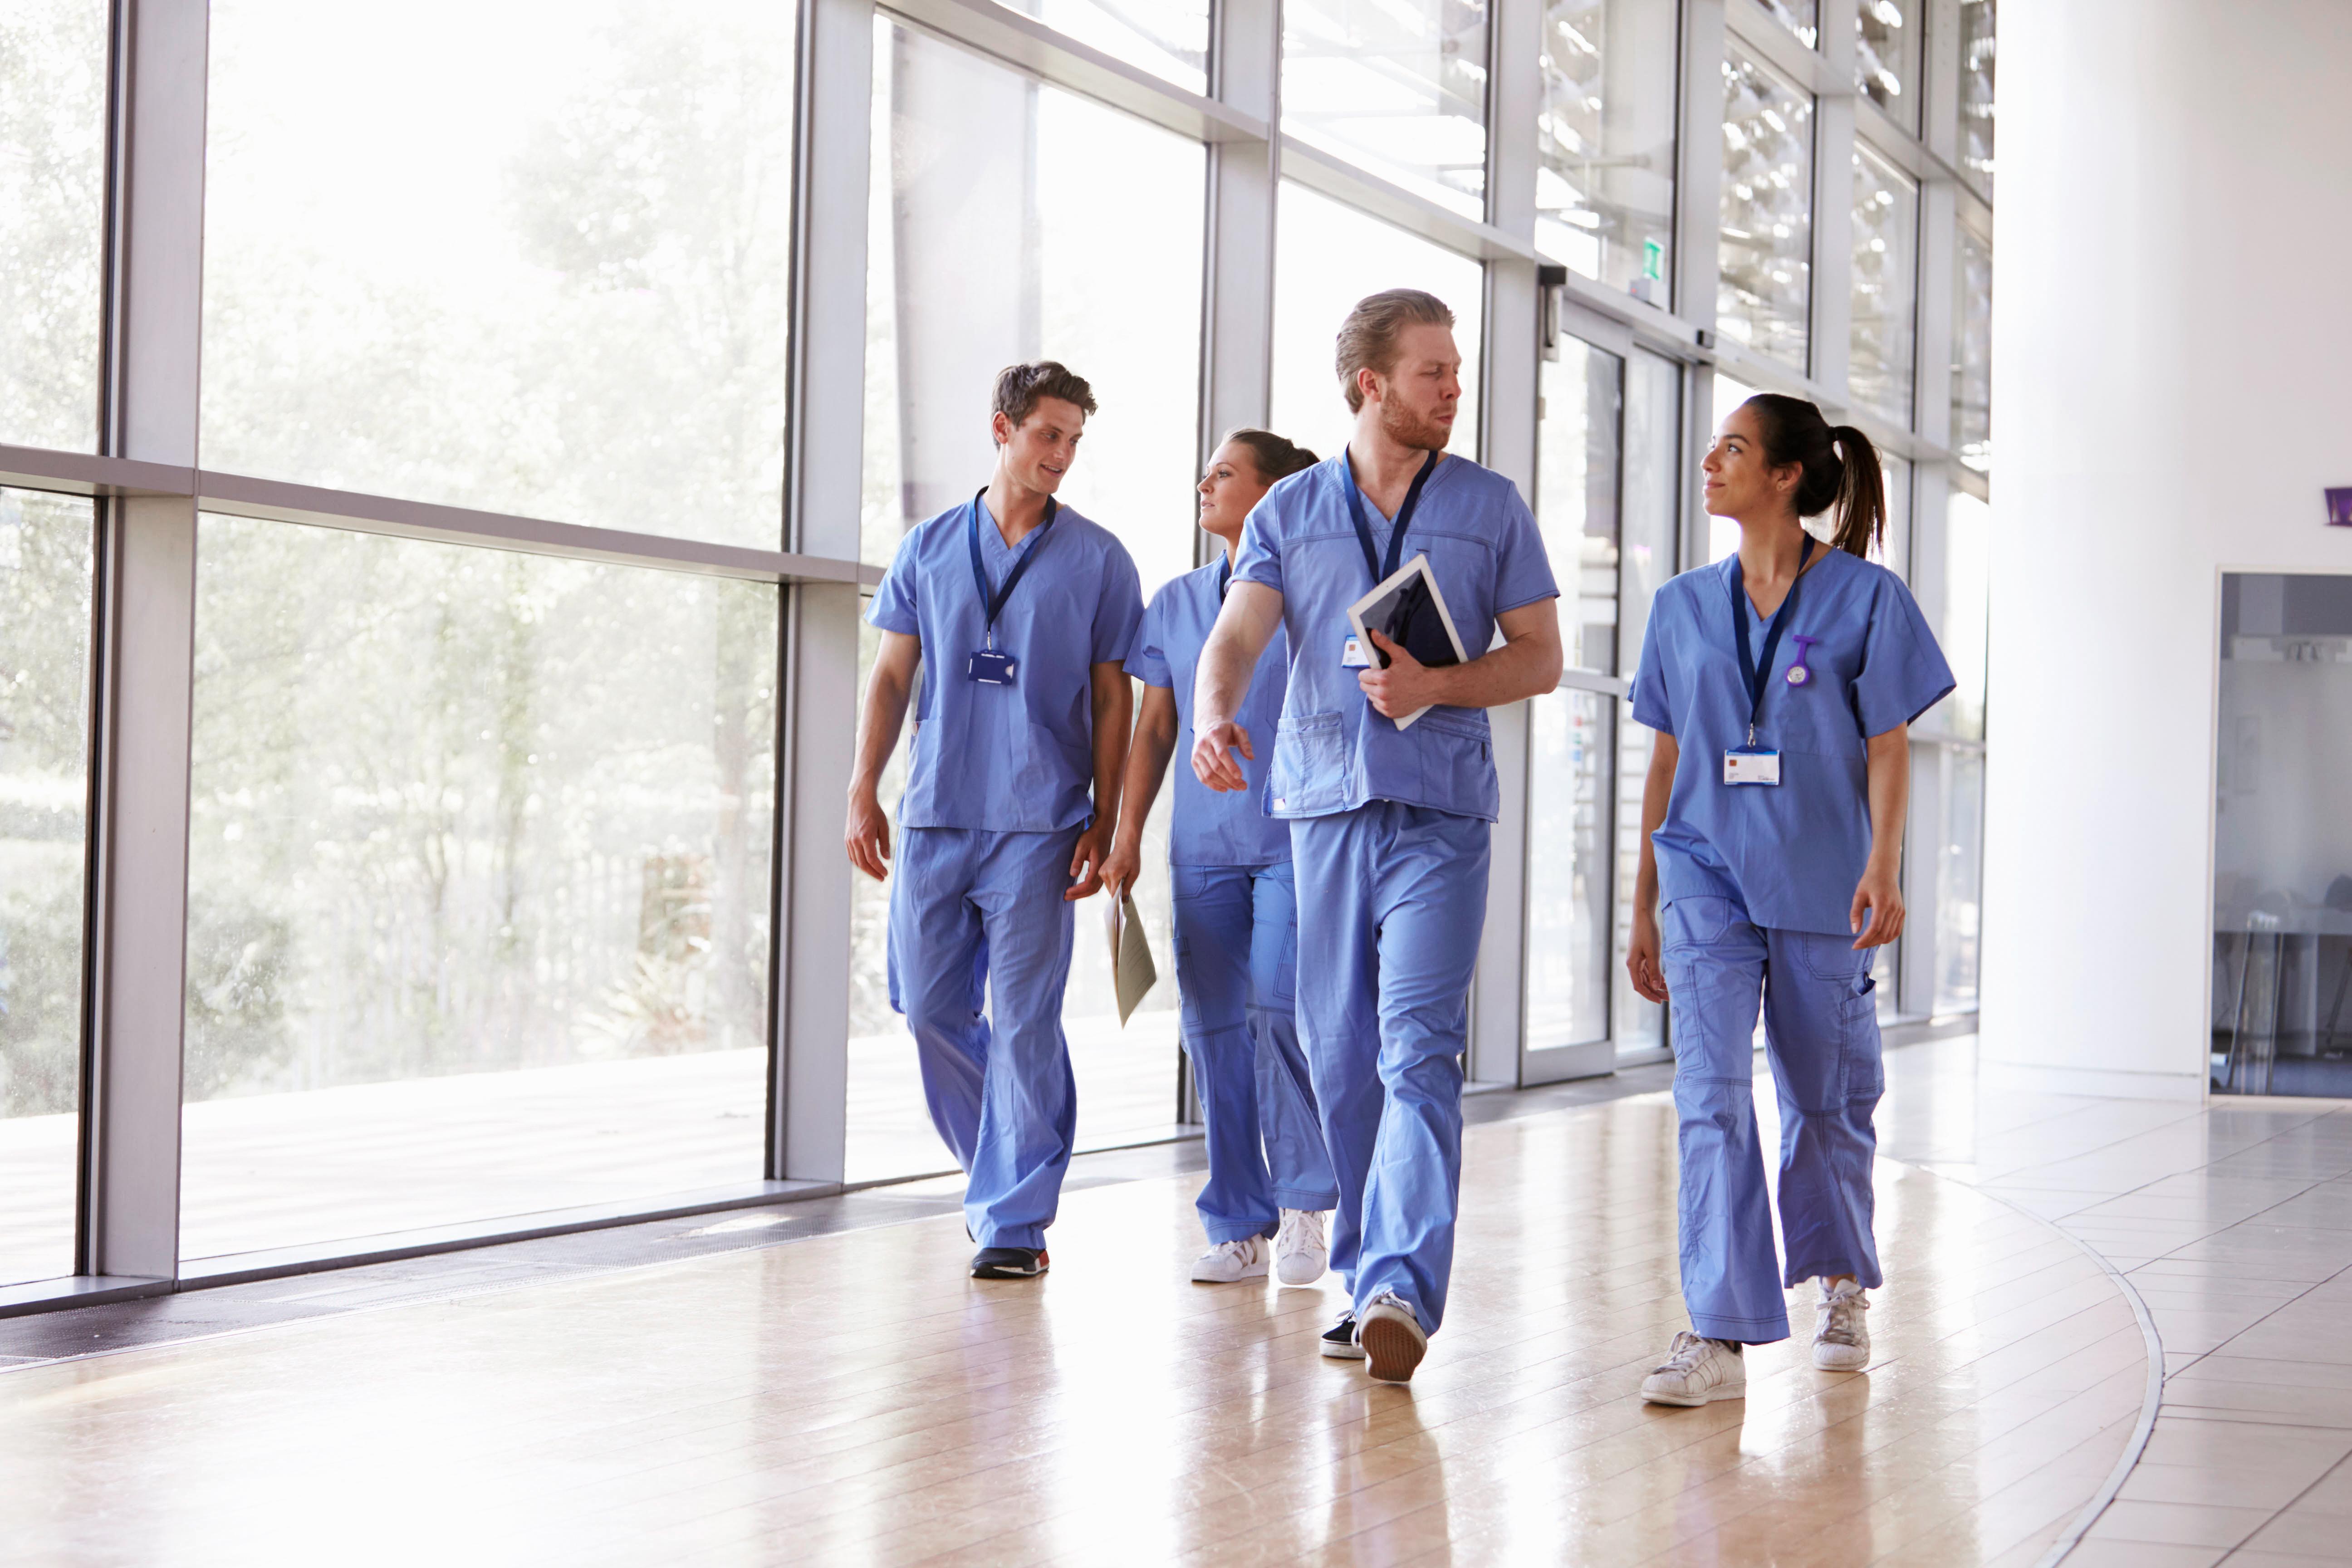 柔道整復師で、病院勤務と整骨院勤務とではどんな違いがある?